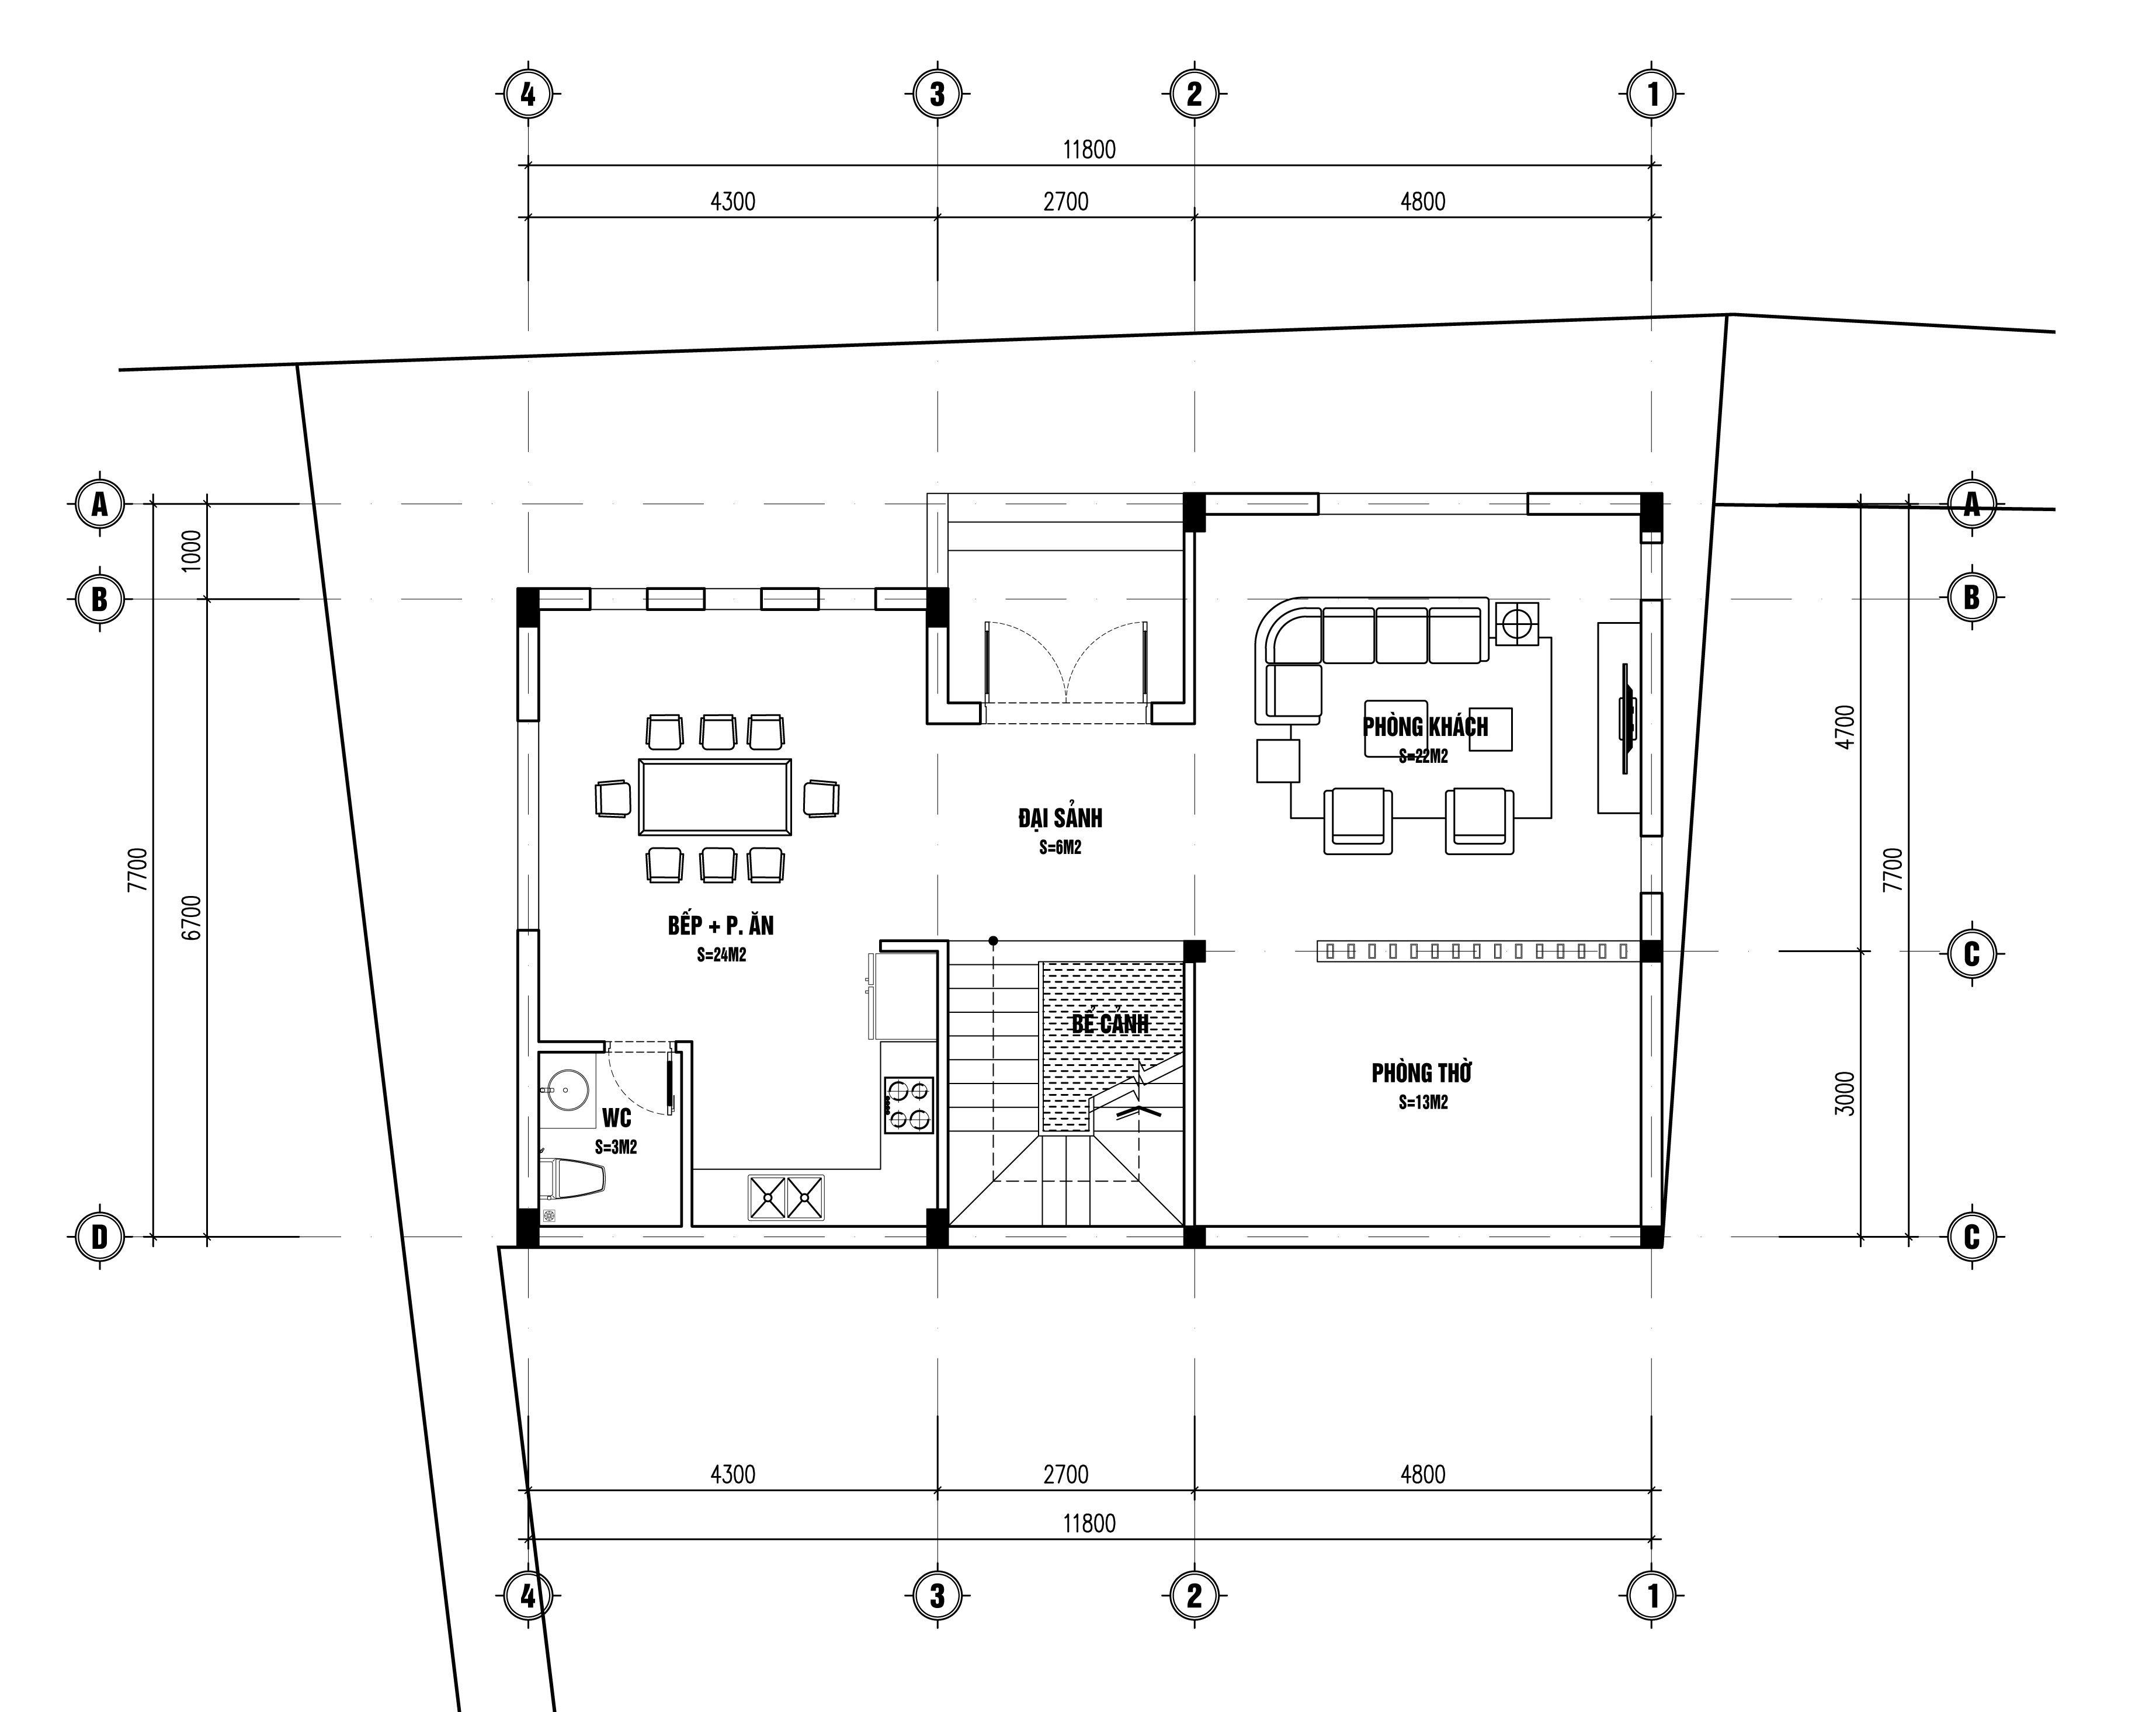 Bản vẽ mặt bằng biệt thự hiện đại 3 tầng